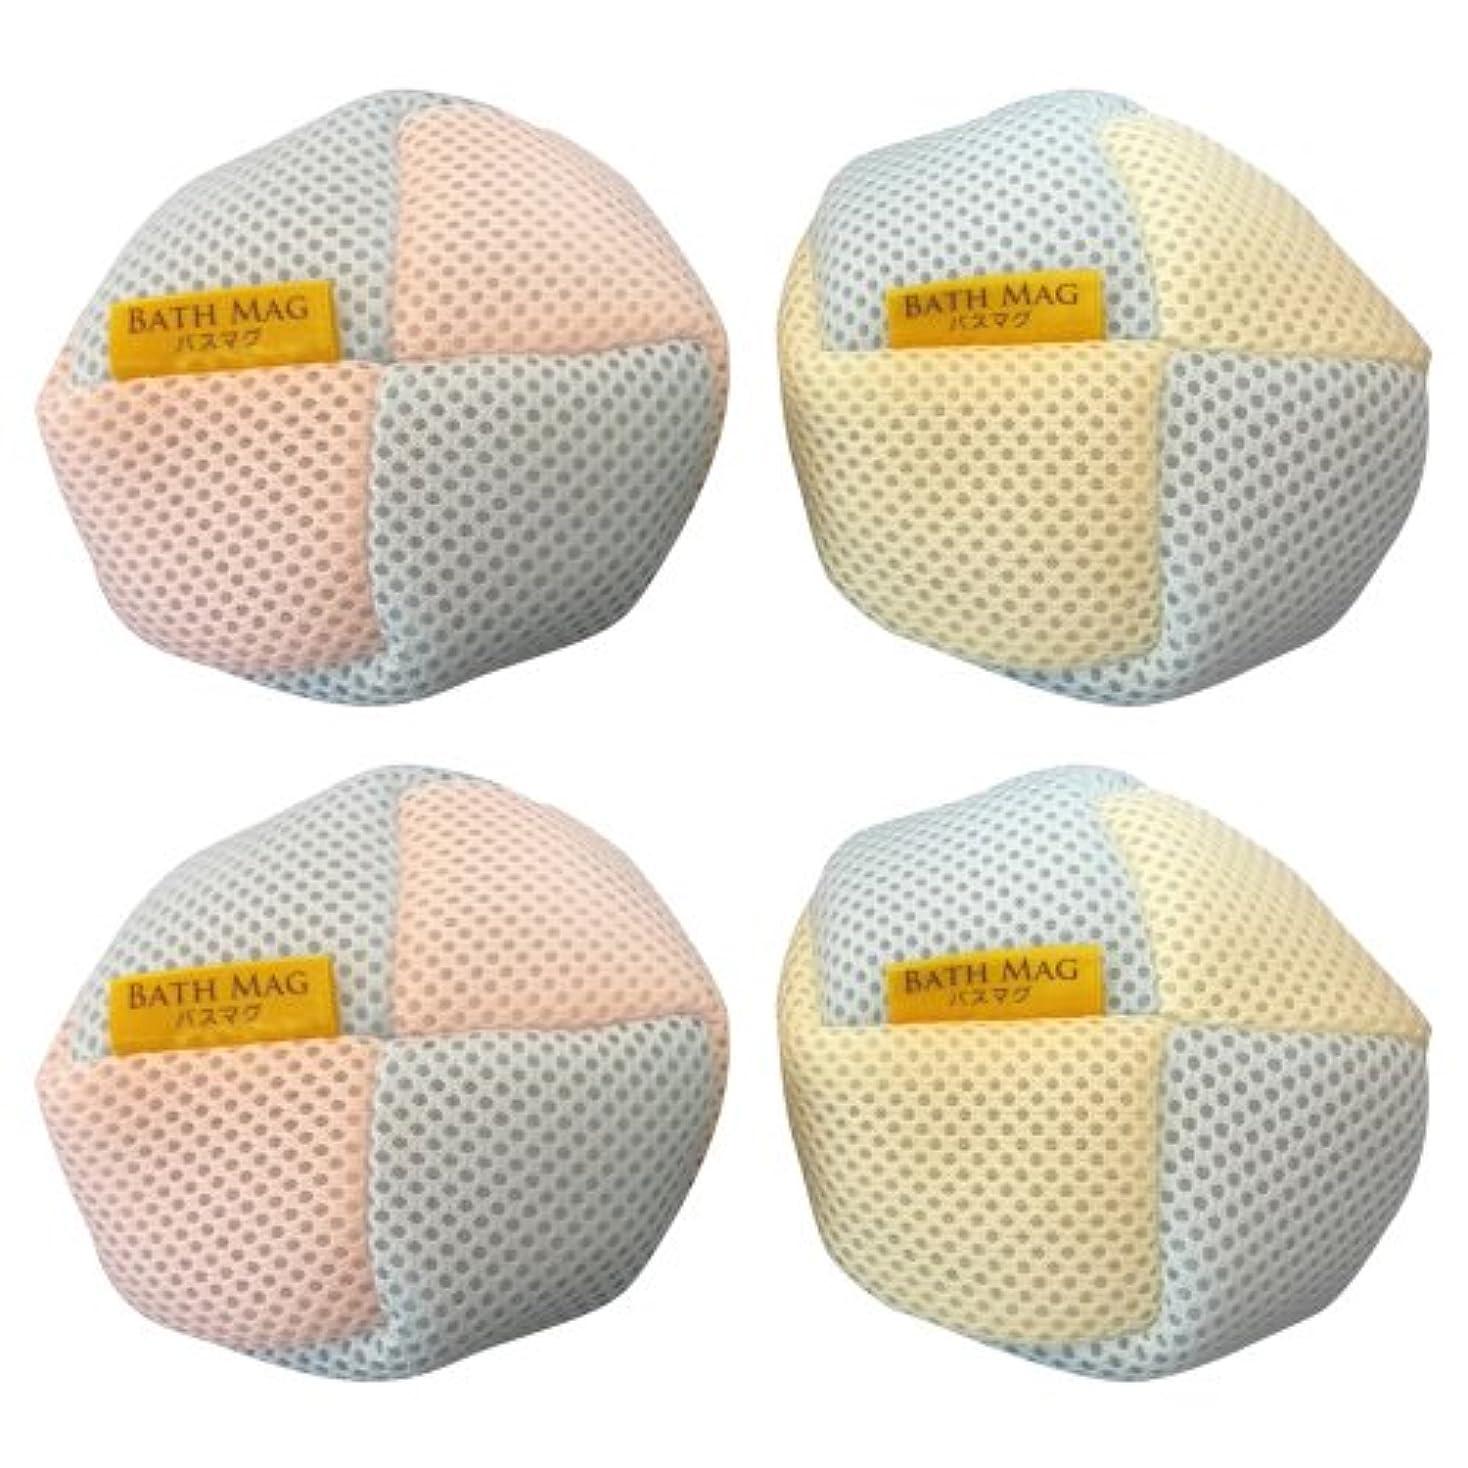 希望に満ちた冷淡な実施するBATH MAG マグネシウムde水素浴(バスマグ)2個入り×2箱セット(計4個)